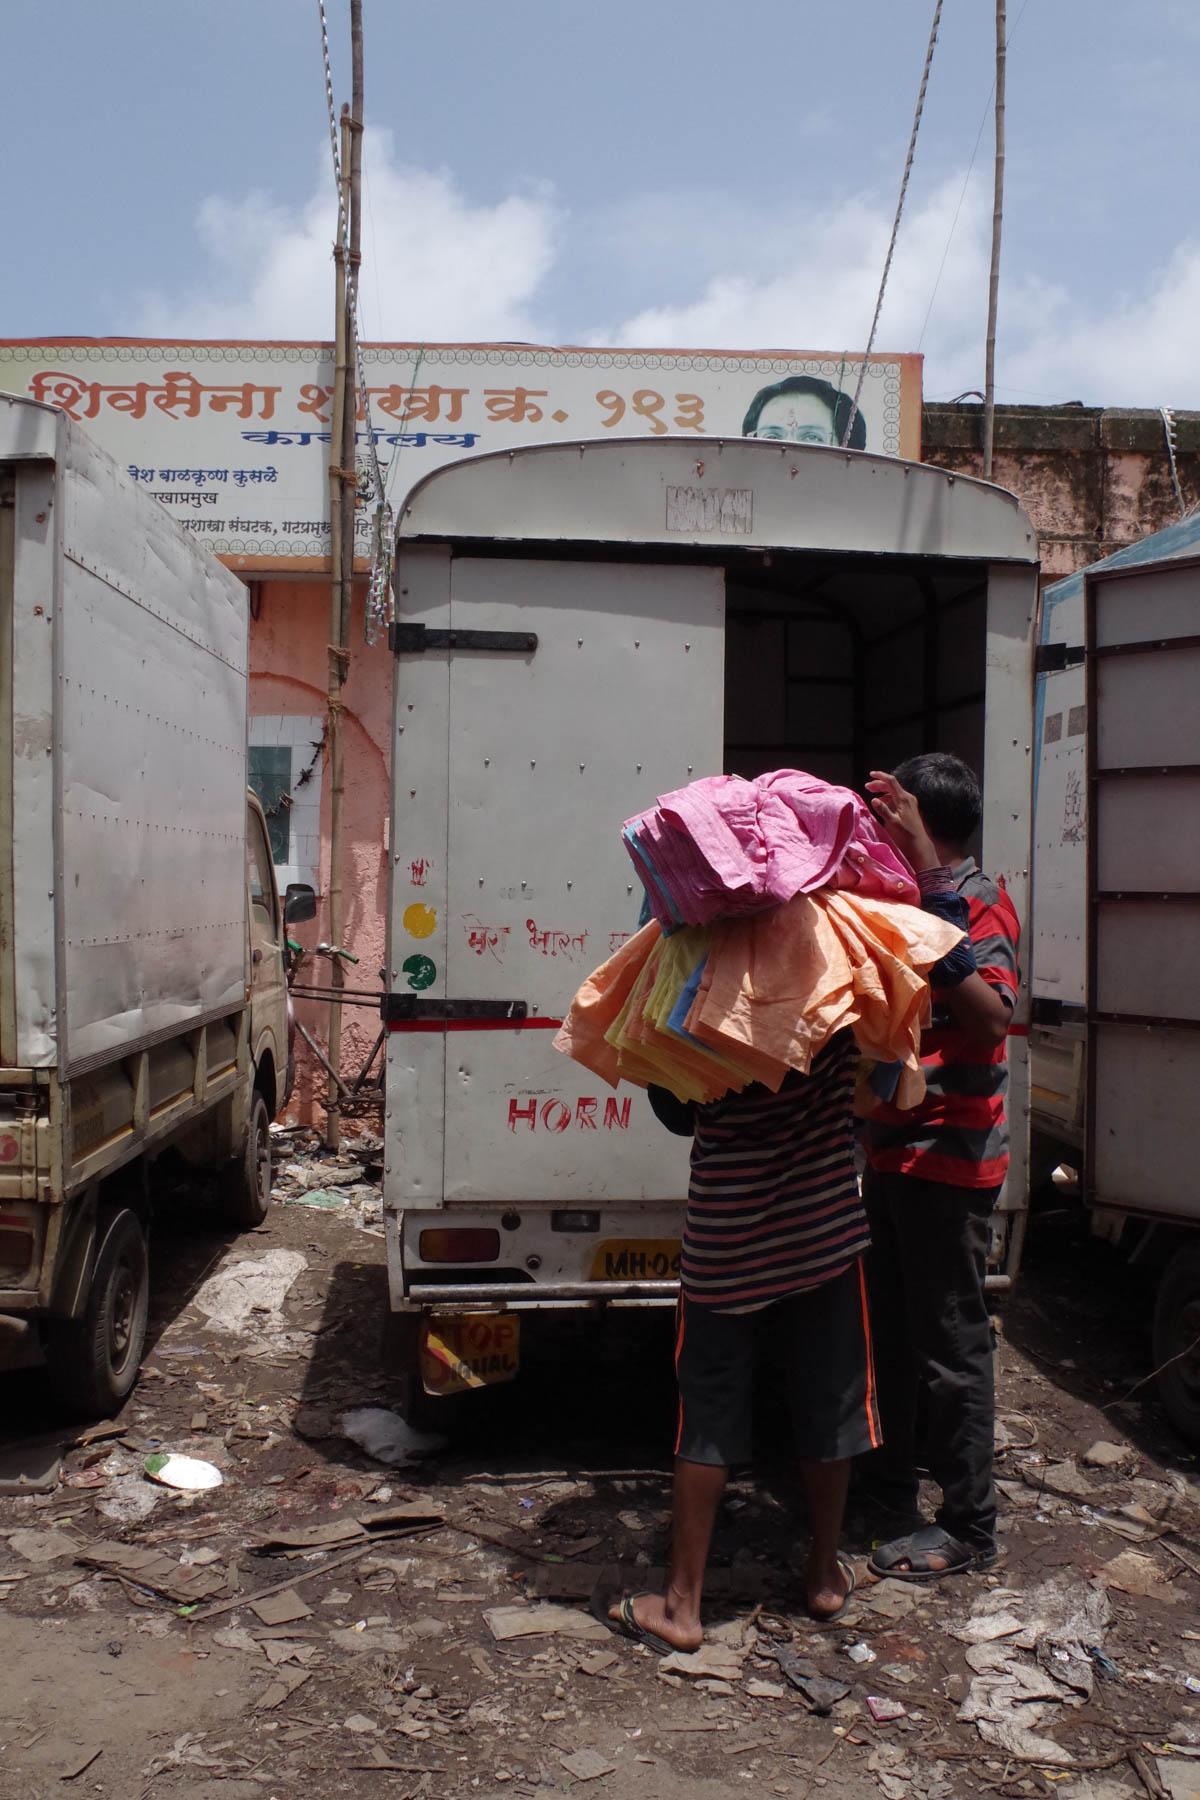 ムンバイ 巨大洗濯工場 ドービーガート 洗濯物を運ぶ人②